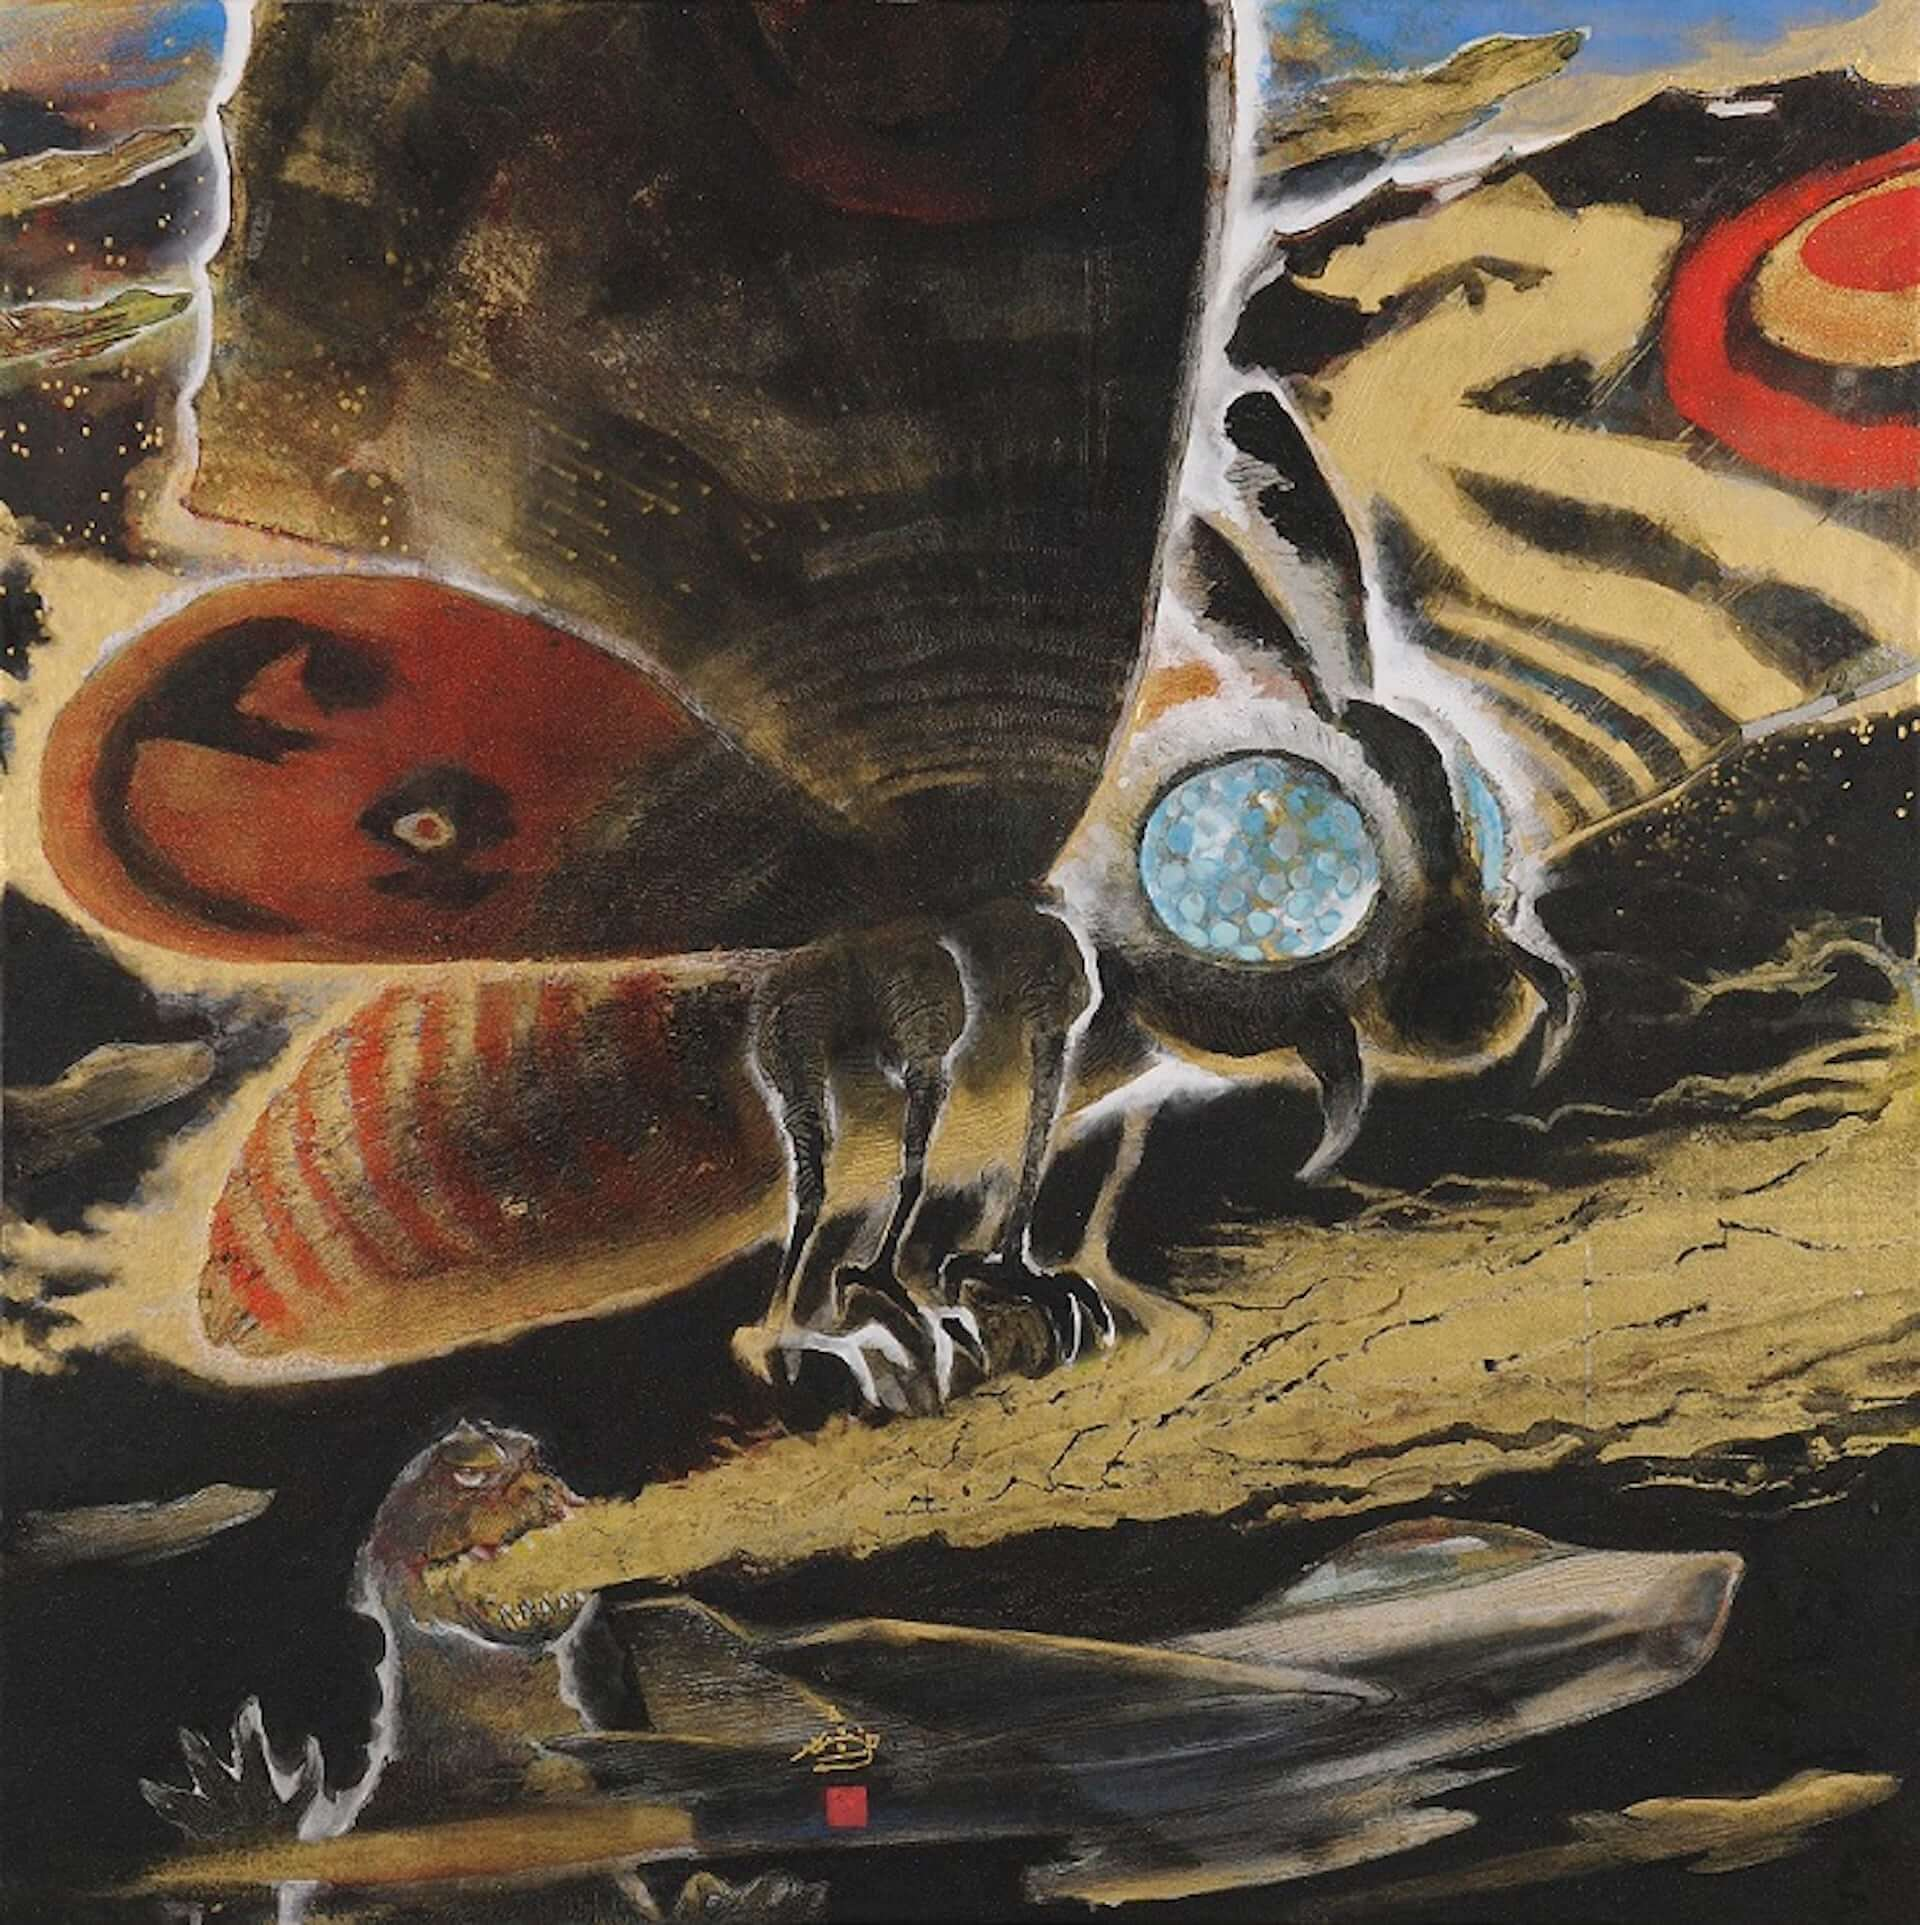 ゴジラが日本画で描かれる!展覧会<村上裕二日本画展 「怪獣王ゴジラの世界」>&<「怪獣王GODZILLA」村上裕二日本画展>が開催決定 artculture200115_godzilla_2-1920x1925